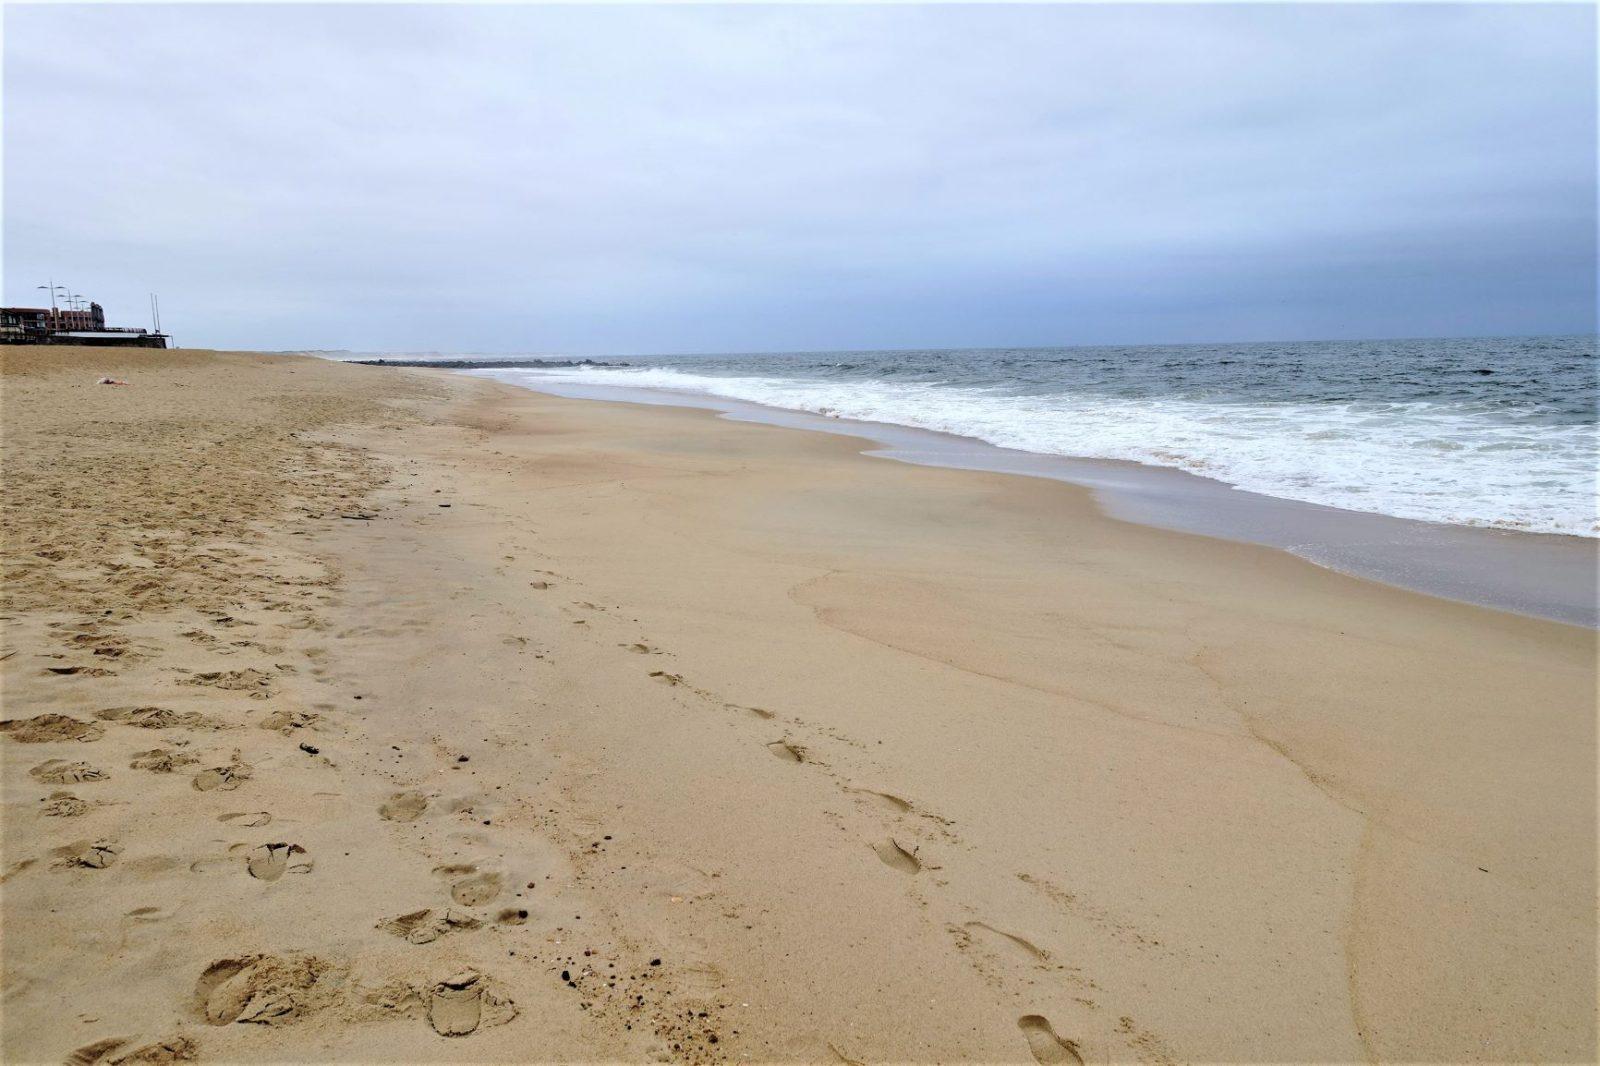 havet og bølgene veskysten frankrike